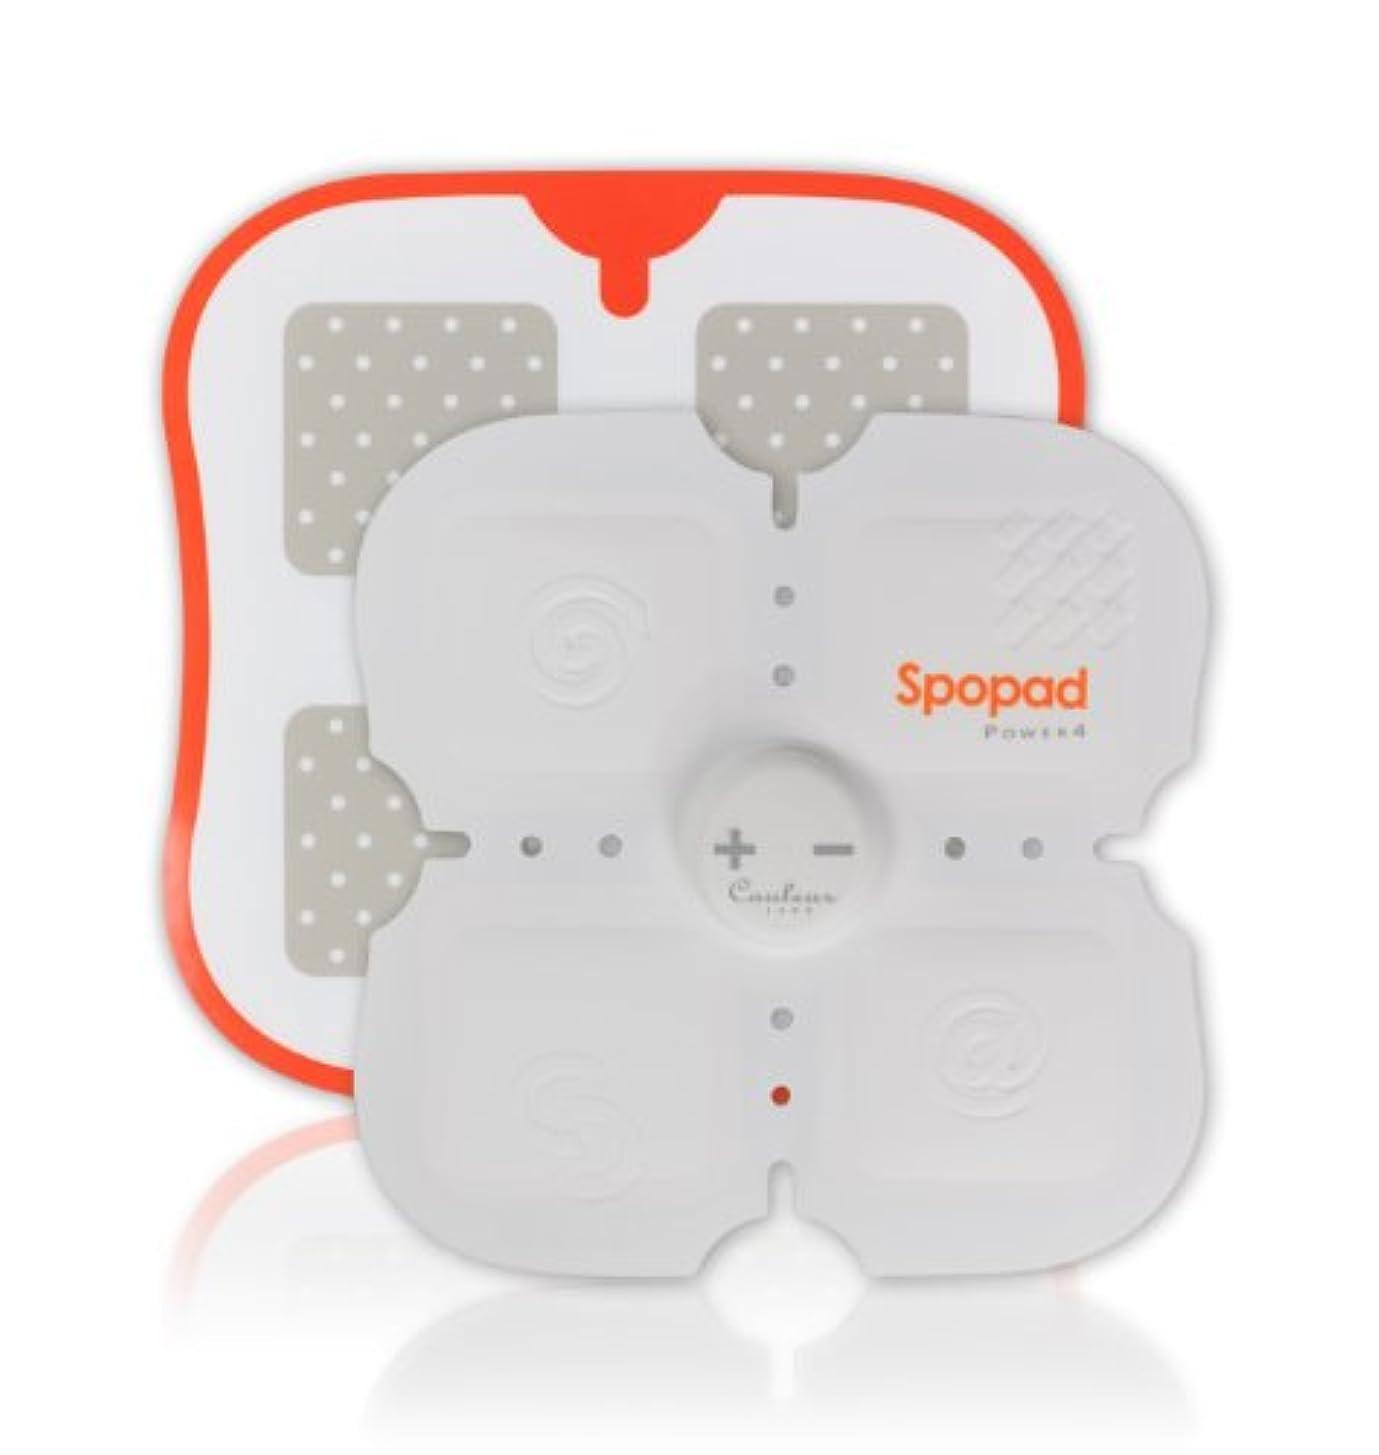 サービス堤防関係ないSPOPAD POWER4(スポパッドパワーフォー) 家庭用EMS運動機器、超薄型、超軽量、ワイヤレス、ハンズフリー